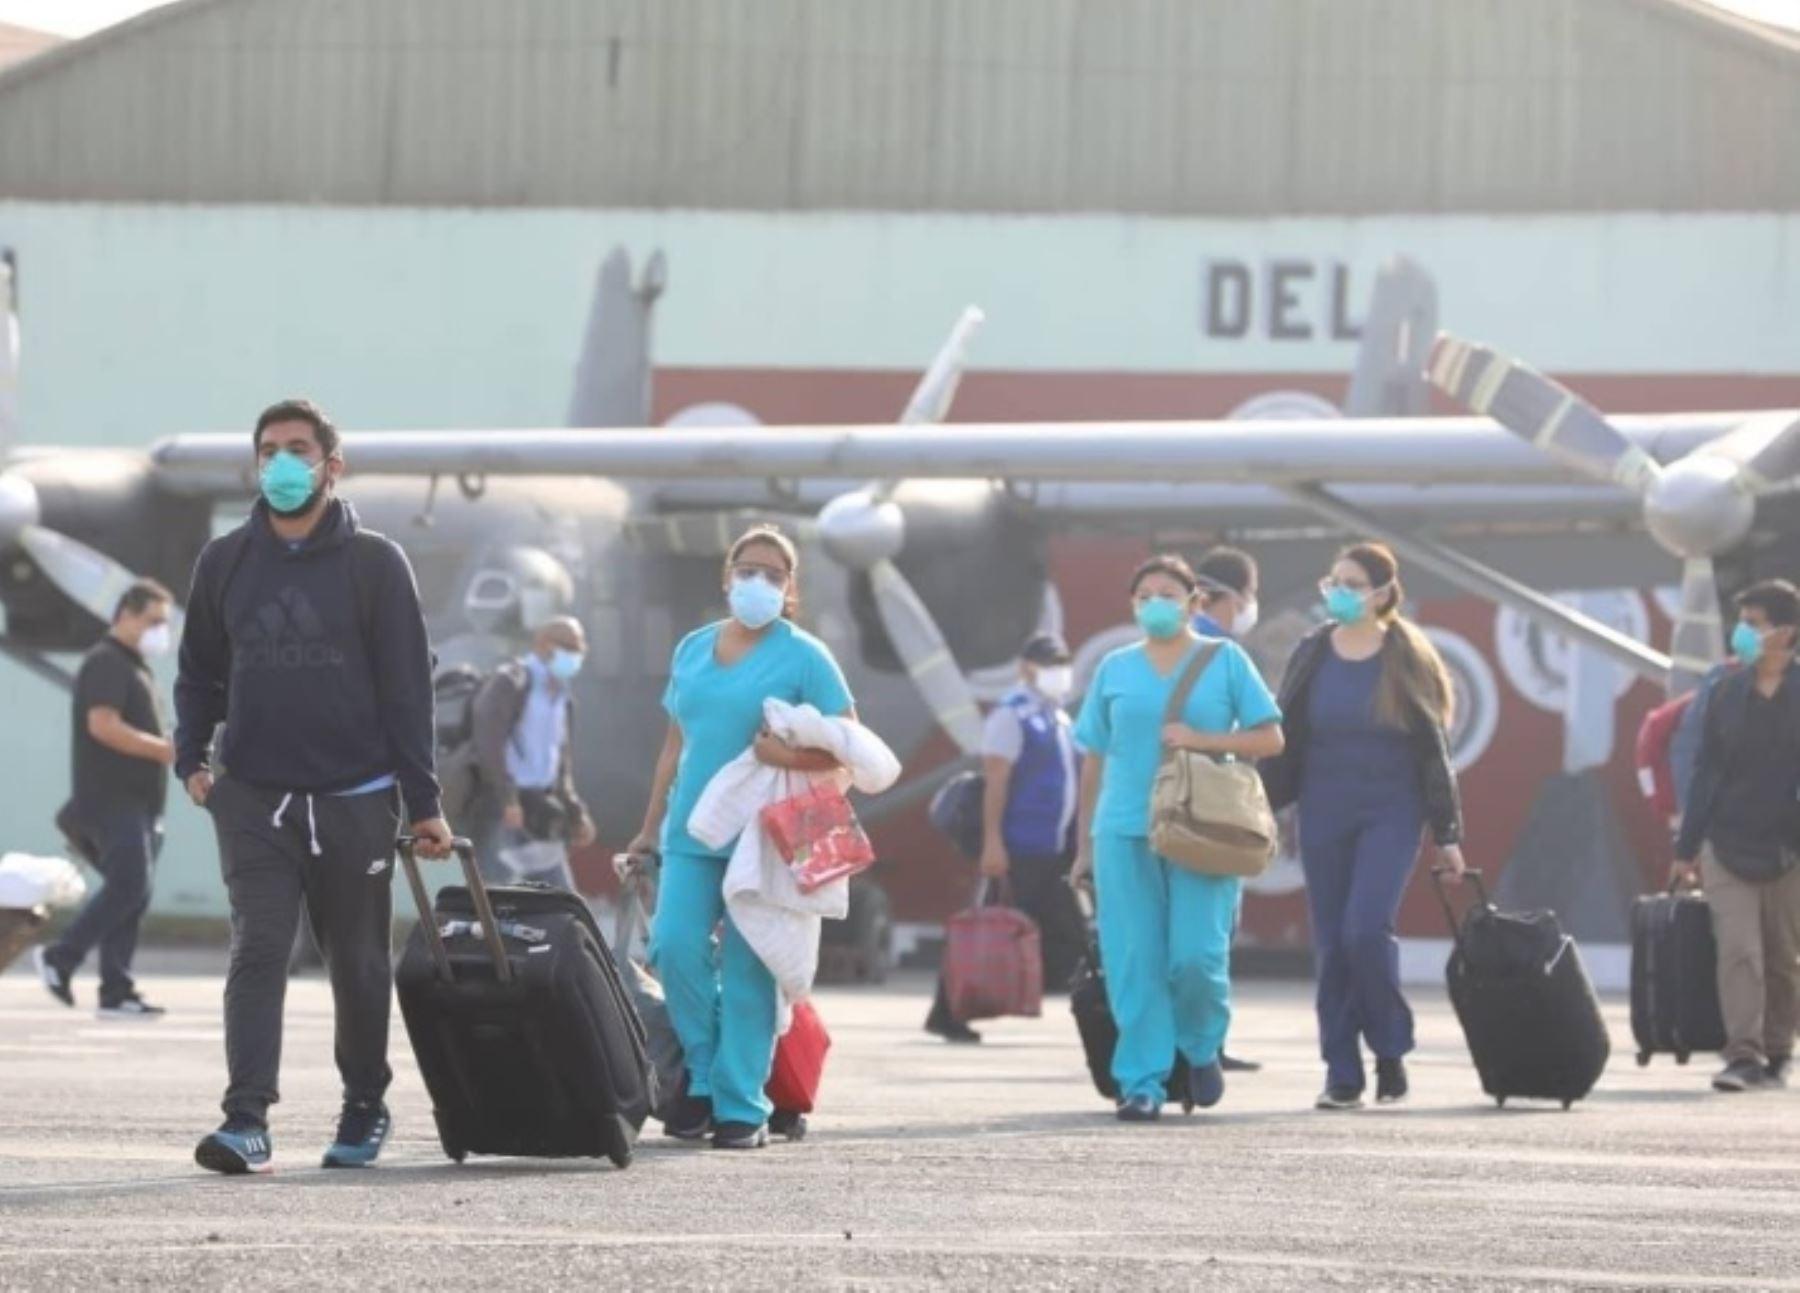 El equipo de respuesta del Seguro Social de Salud (EsSalud) envió hoy a la región Loreto un nuevo grupo humano, conformado por 20 profesionales de la salud, que se unen a la primera línea frente al covid-19.